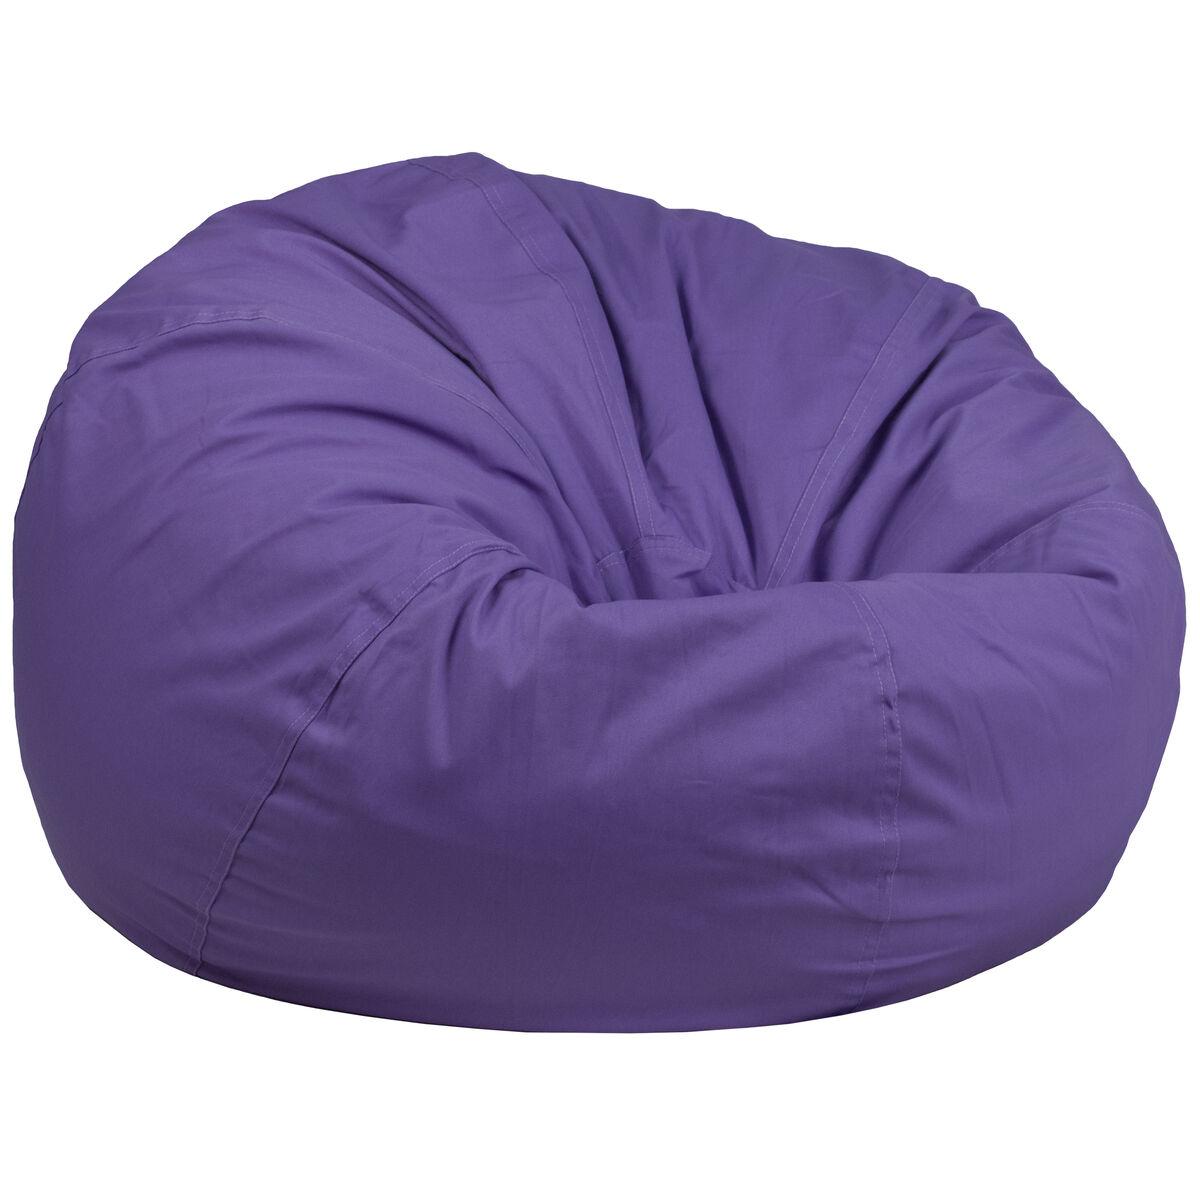 Purple Bean Bag Chair Dg Bean Large Solid Pur Gg